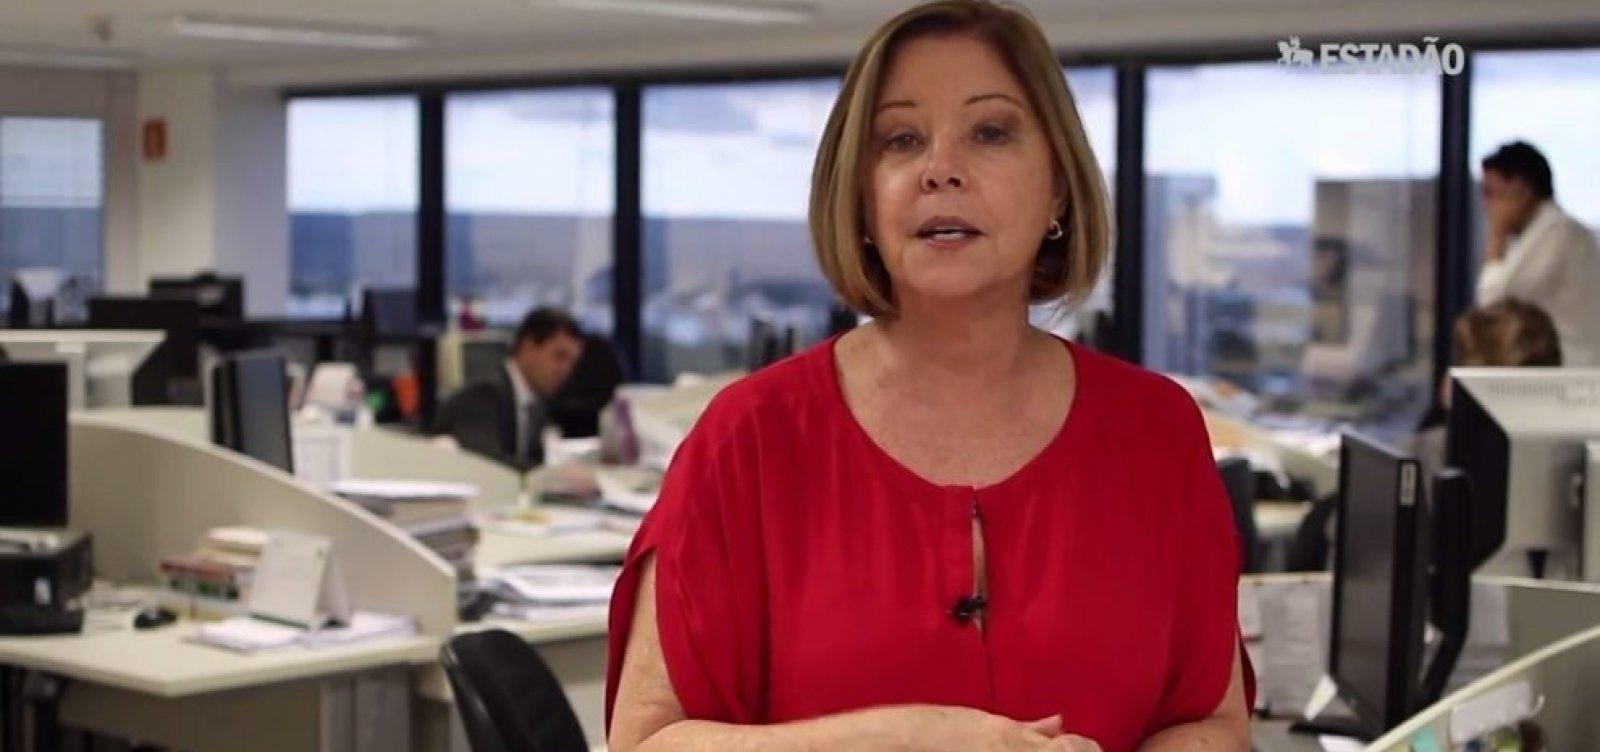 [Eliane Catanhêde comenta boato de saída de Mandetta e suposto novo ministro]